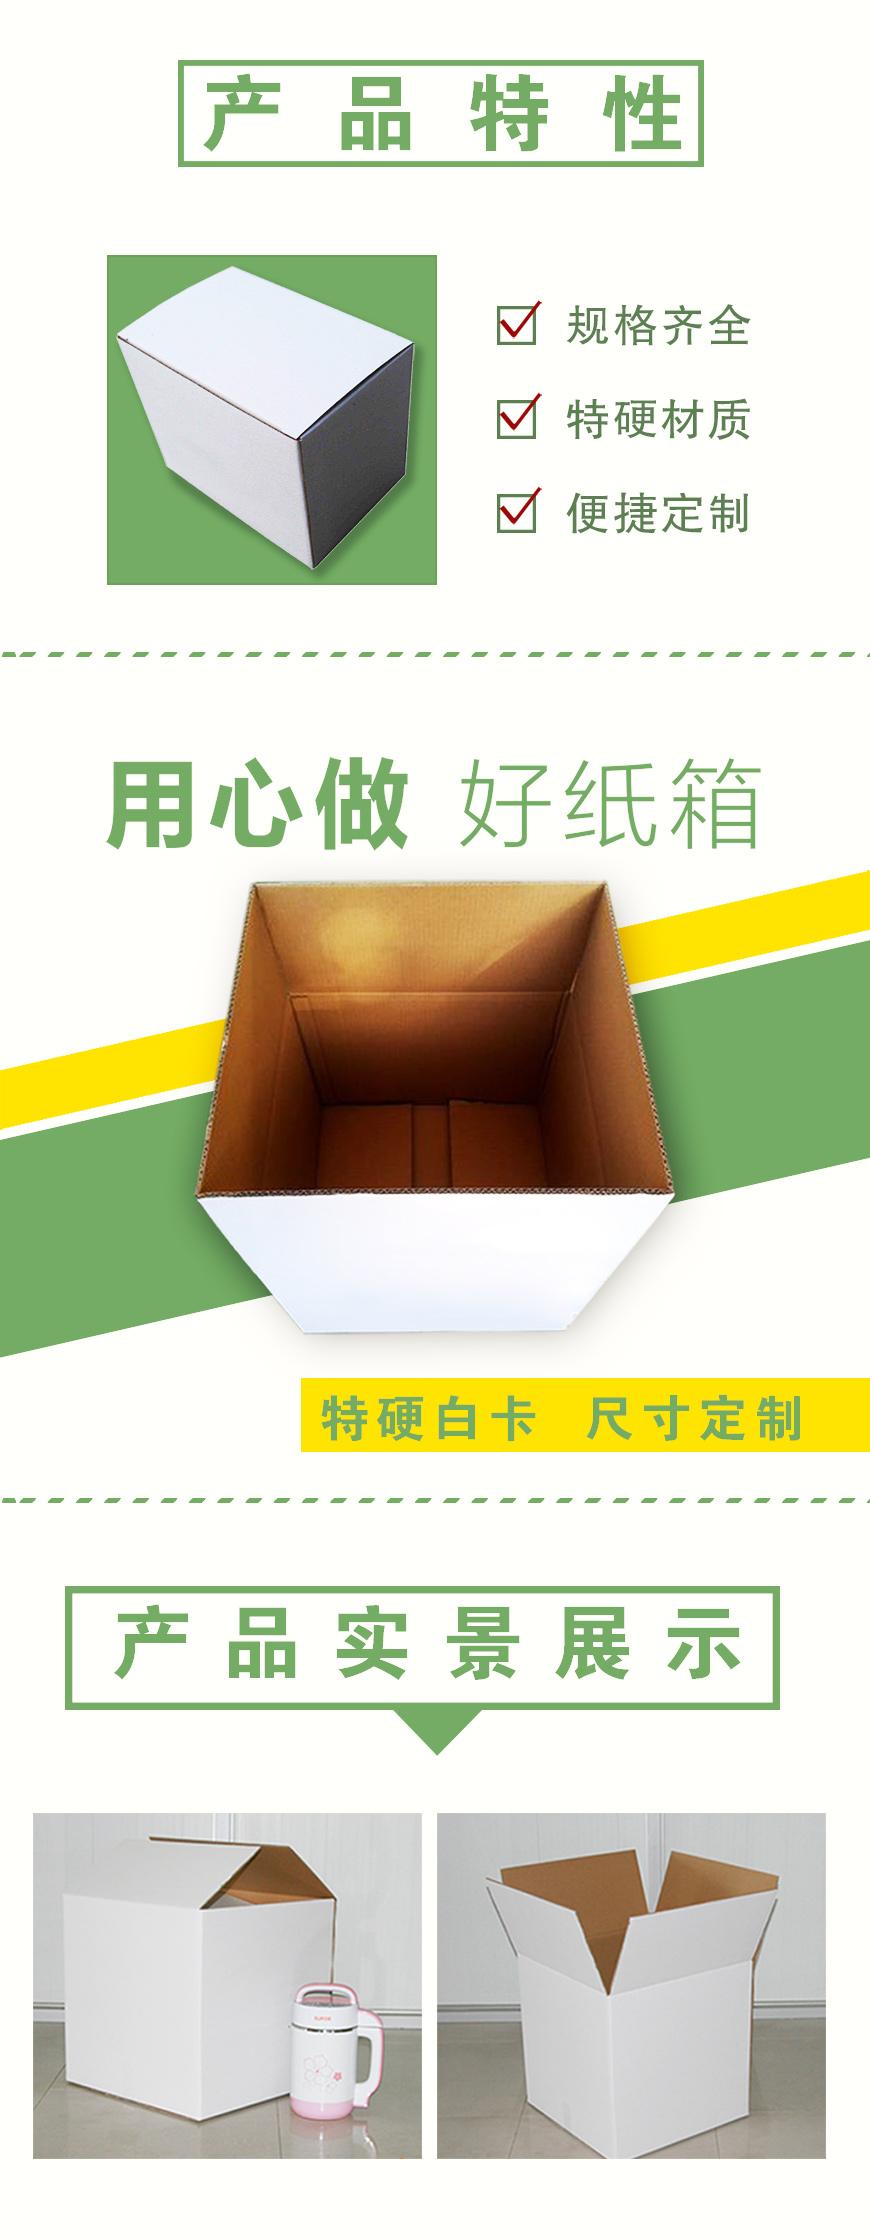 白卡纸箱.jpg